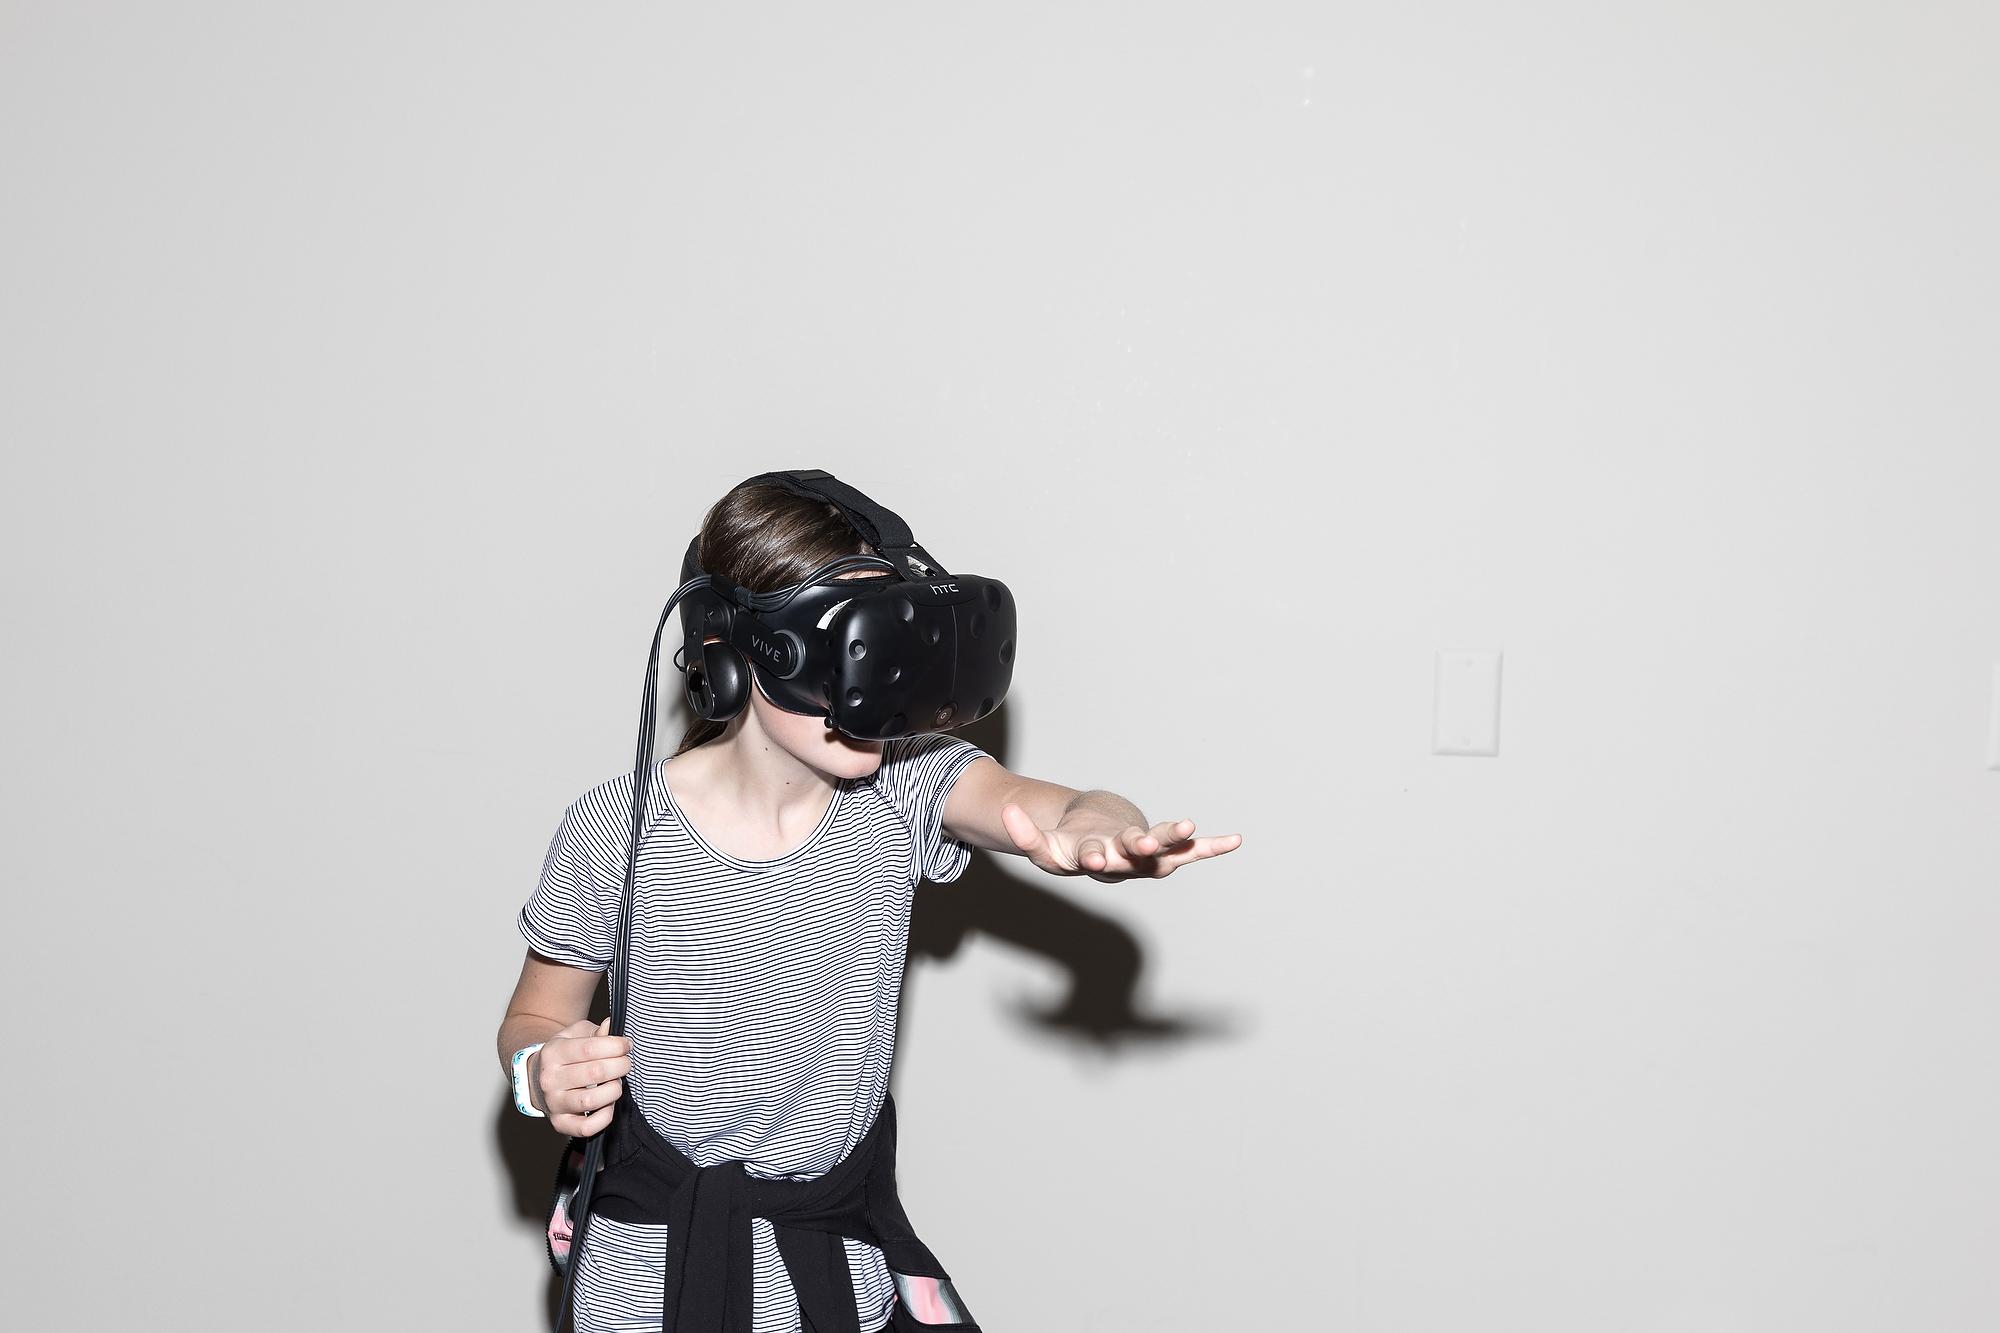 AckermanGruber_VR_02.JPG